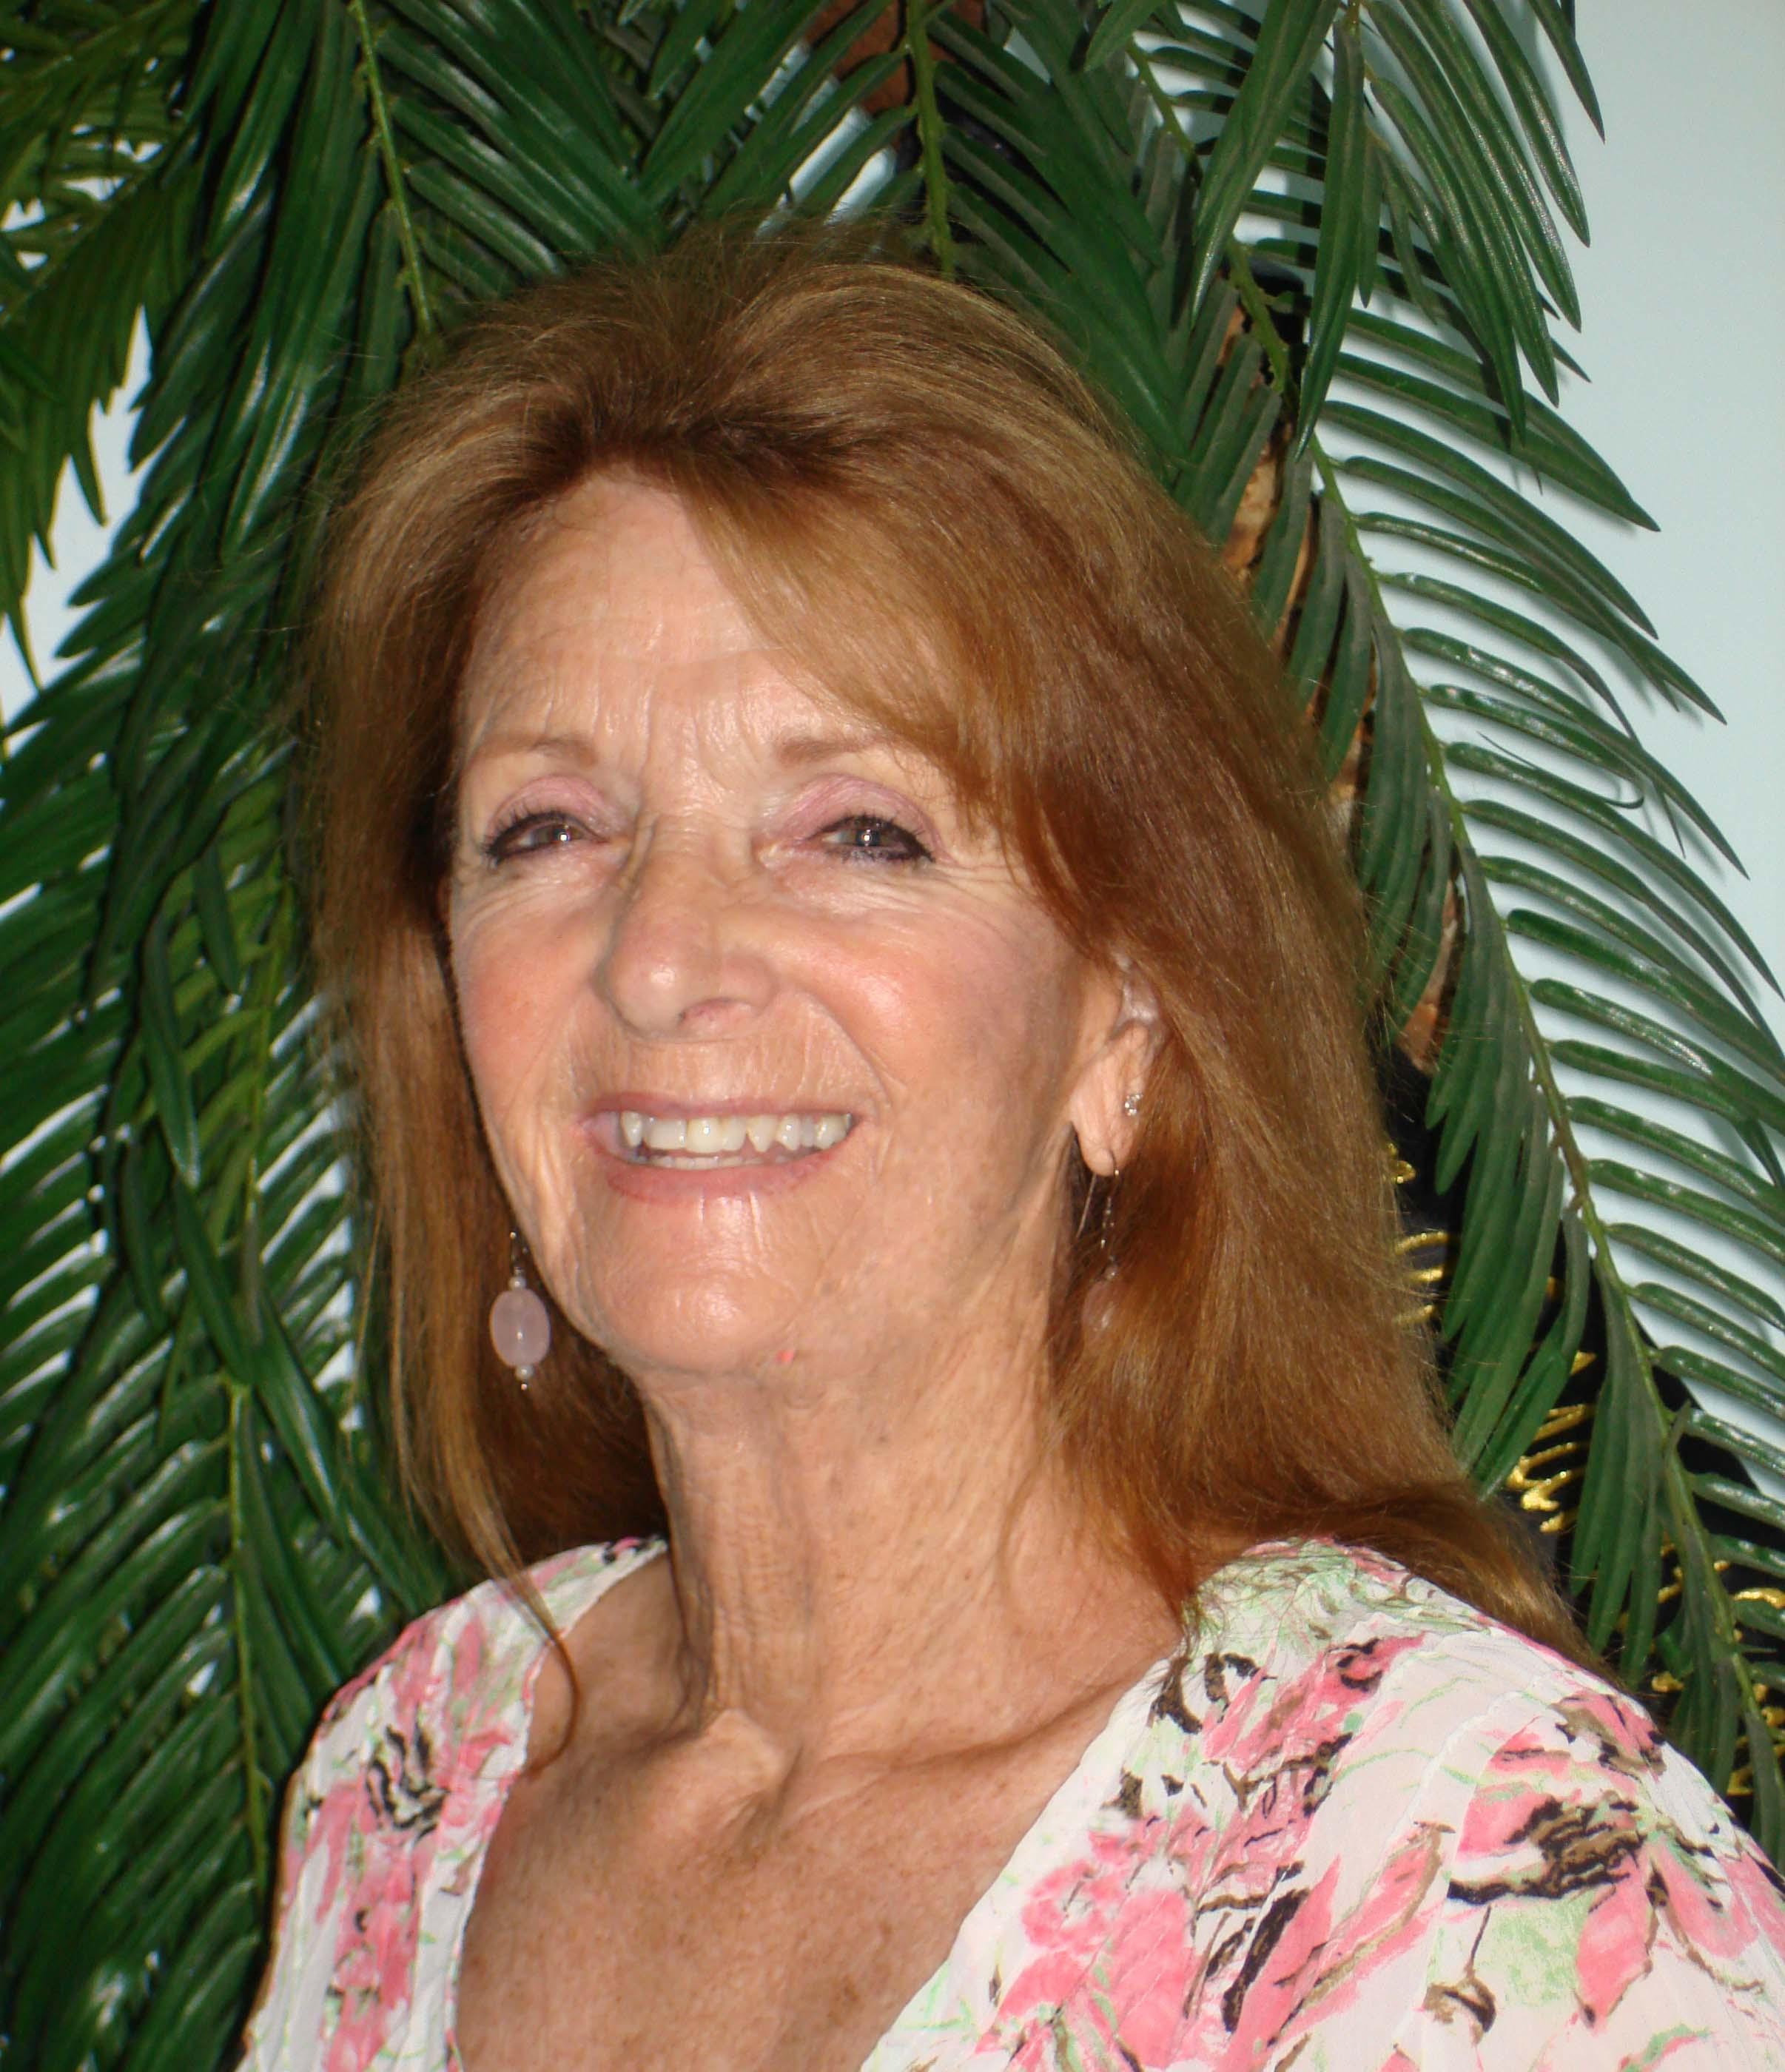 Lindsay Rabito-Leonard